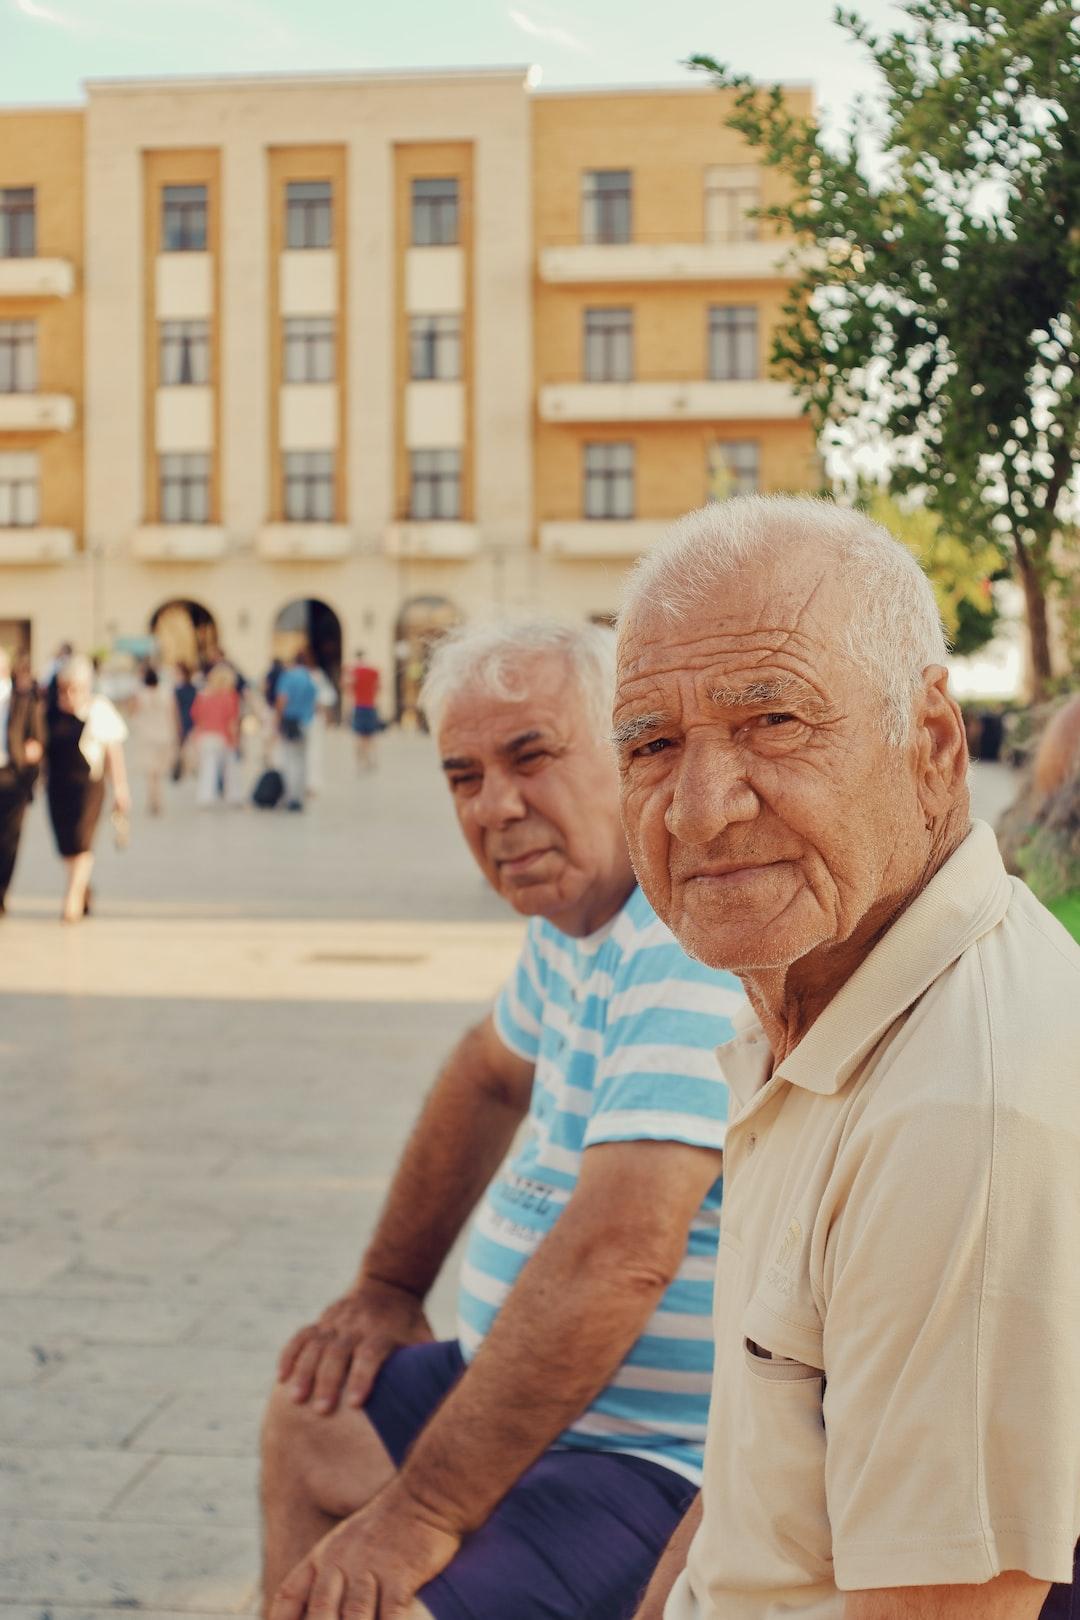 Elderly men in Siracusa